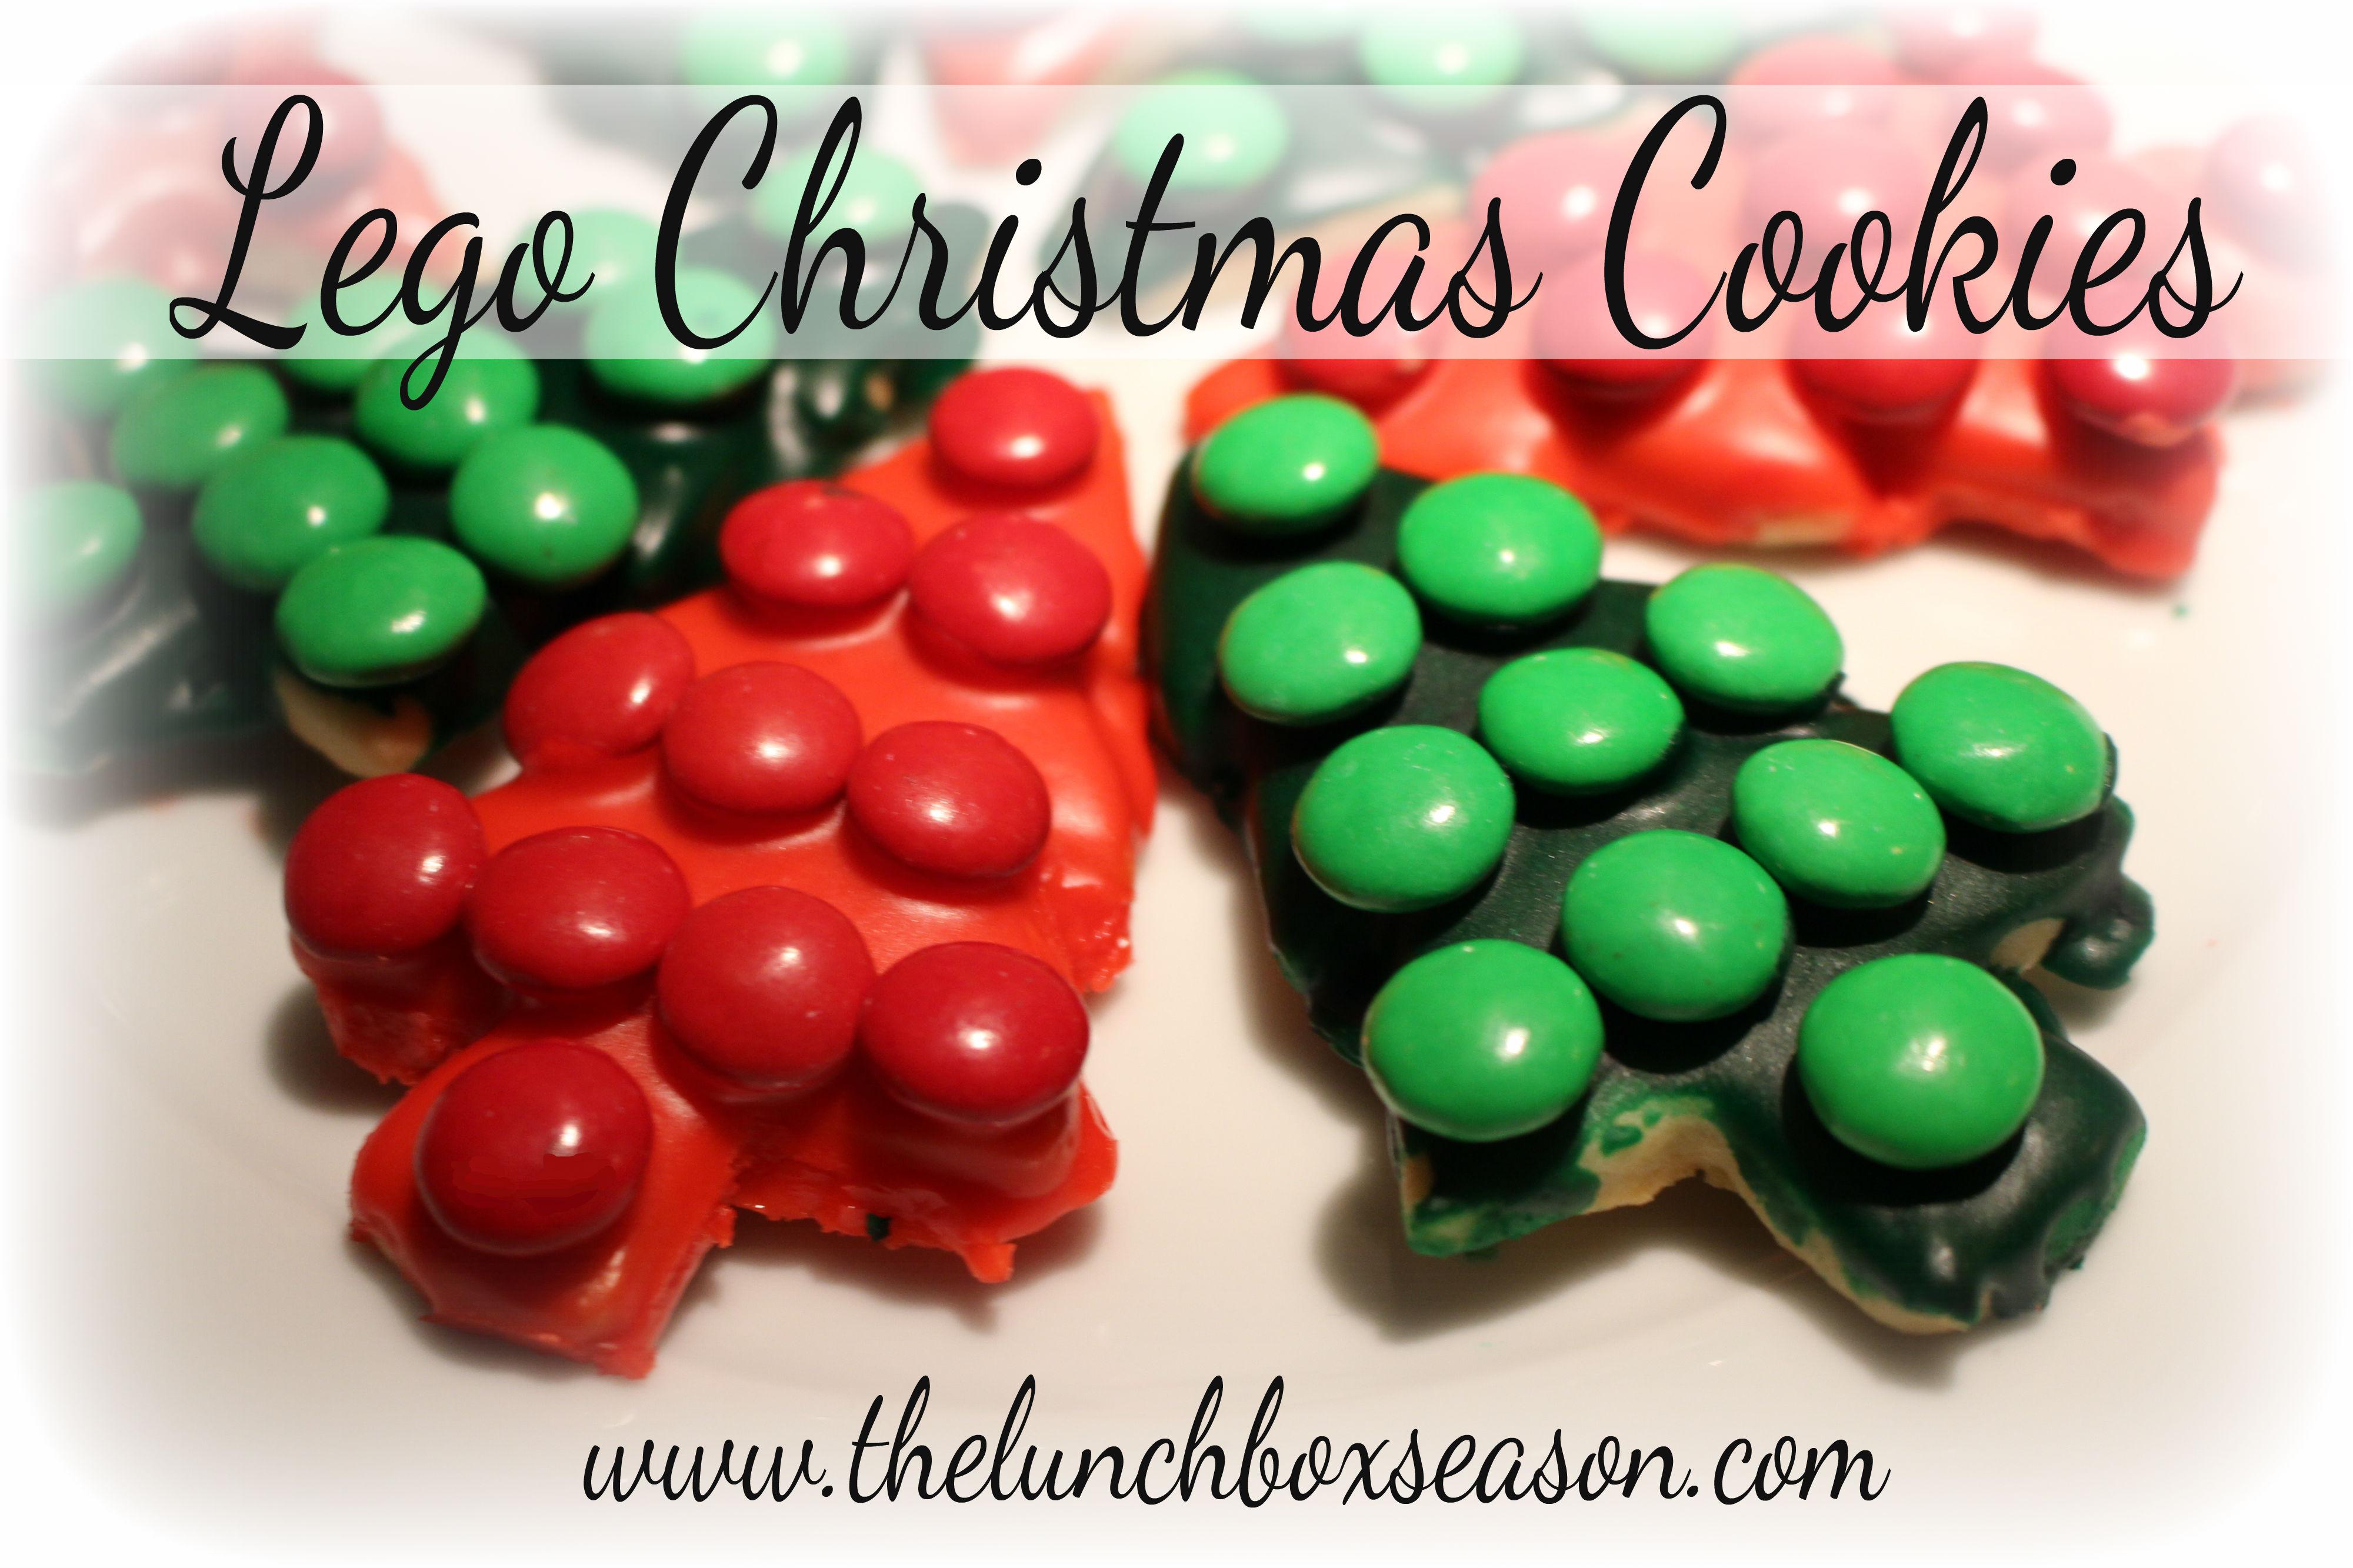 Lego Christmas Cookies